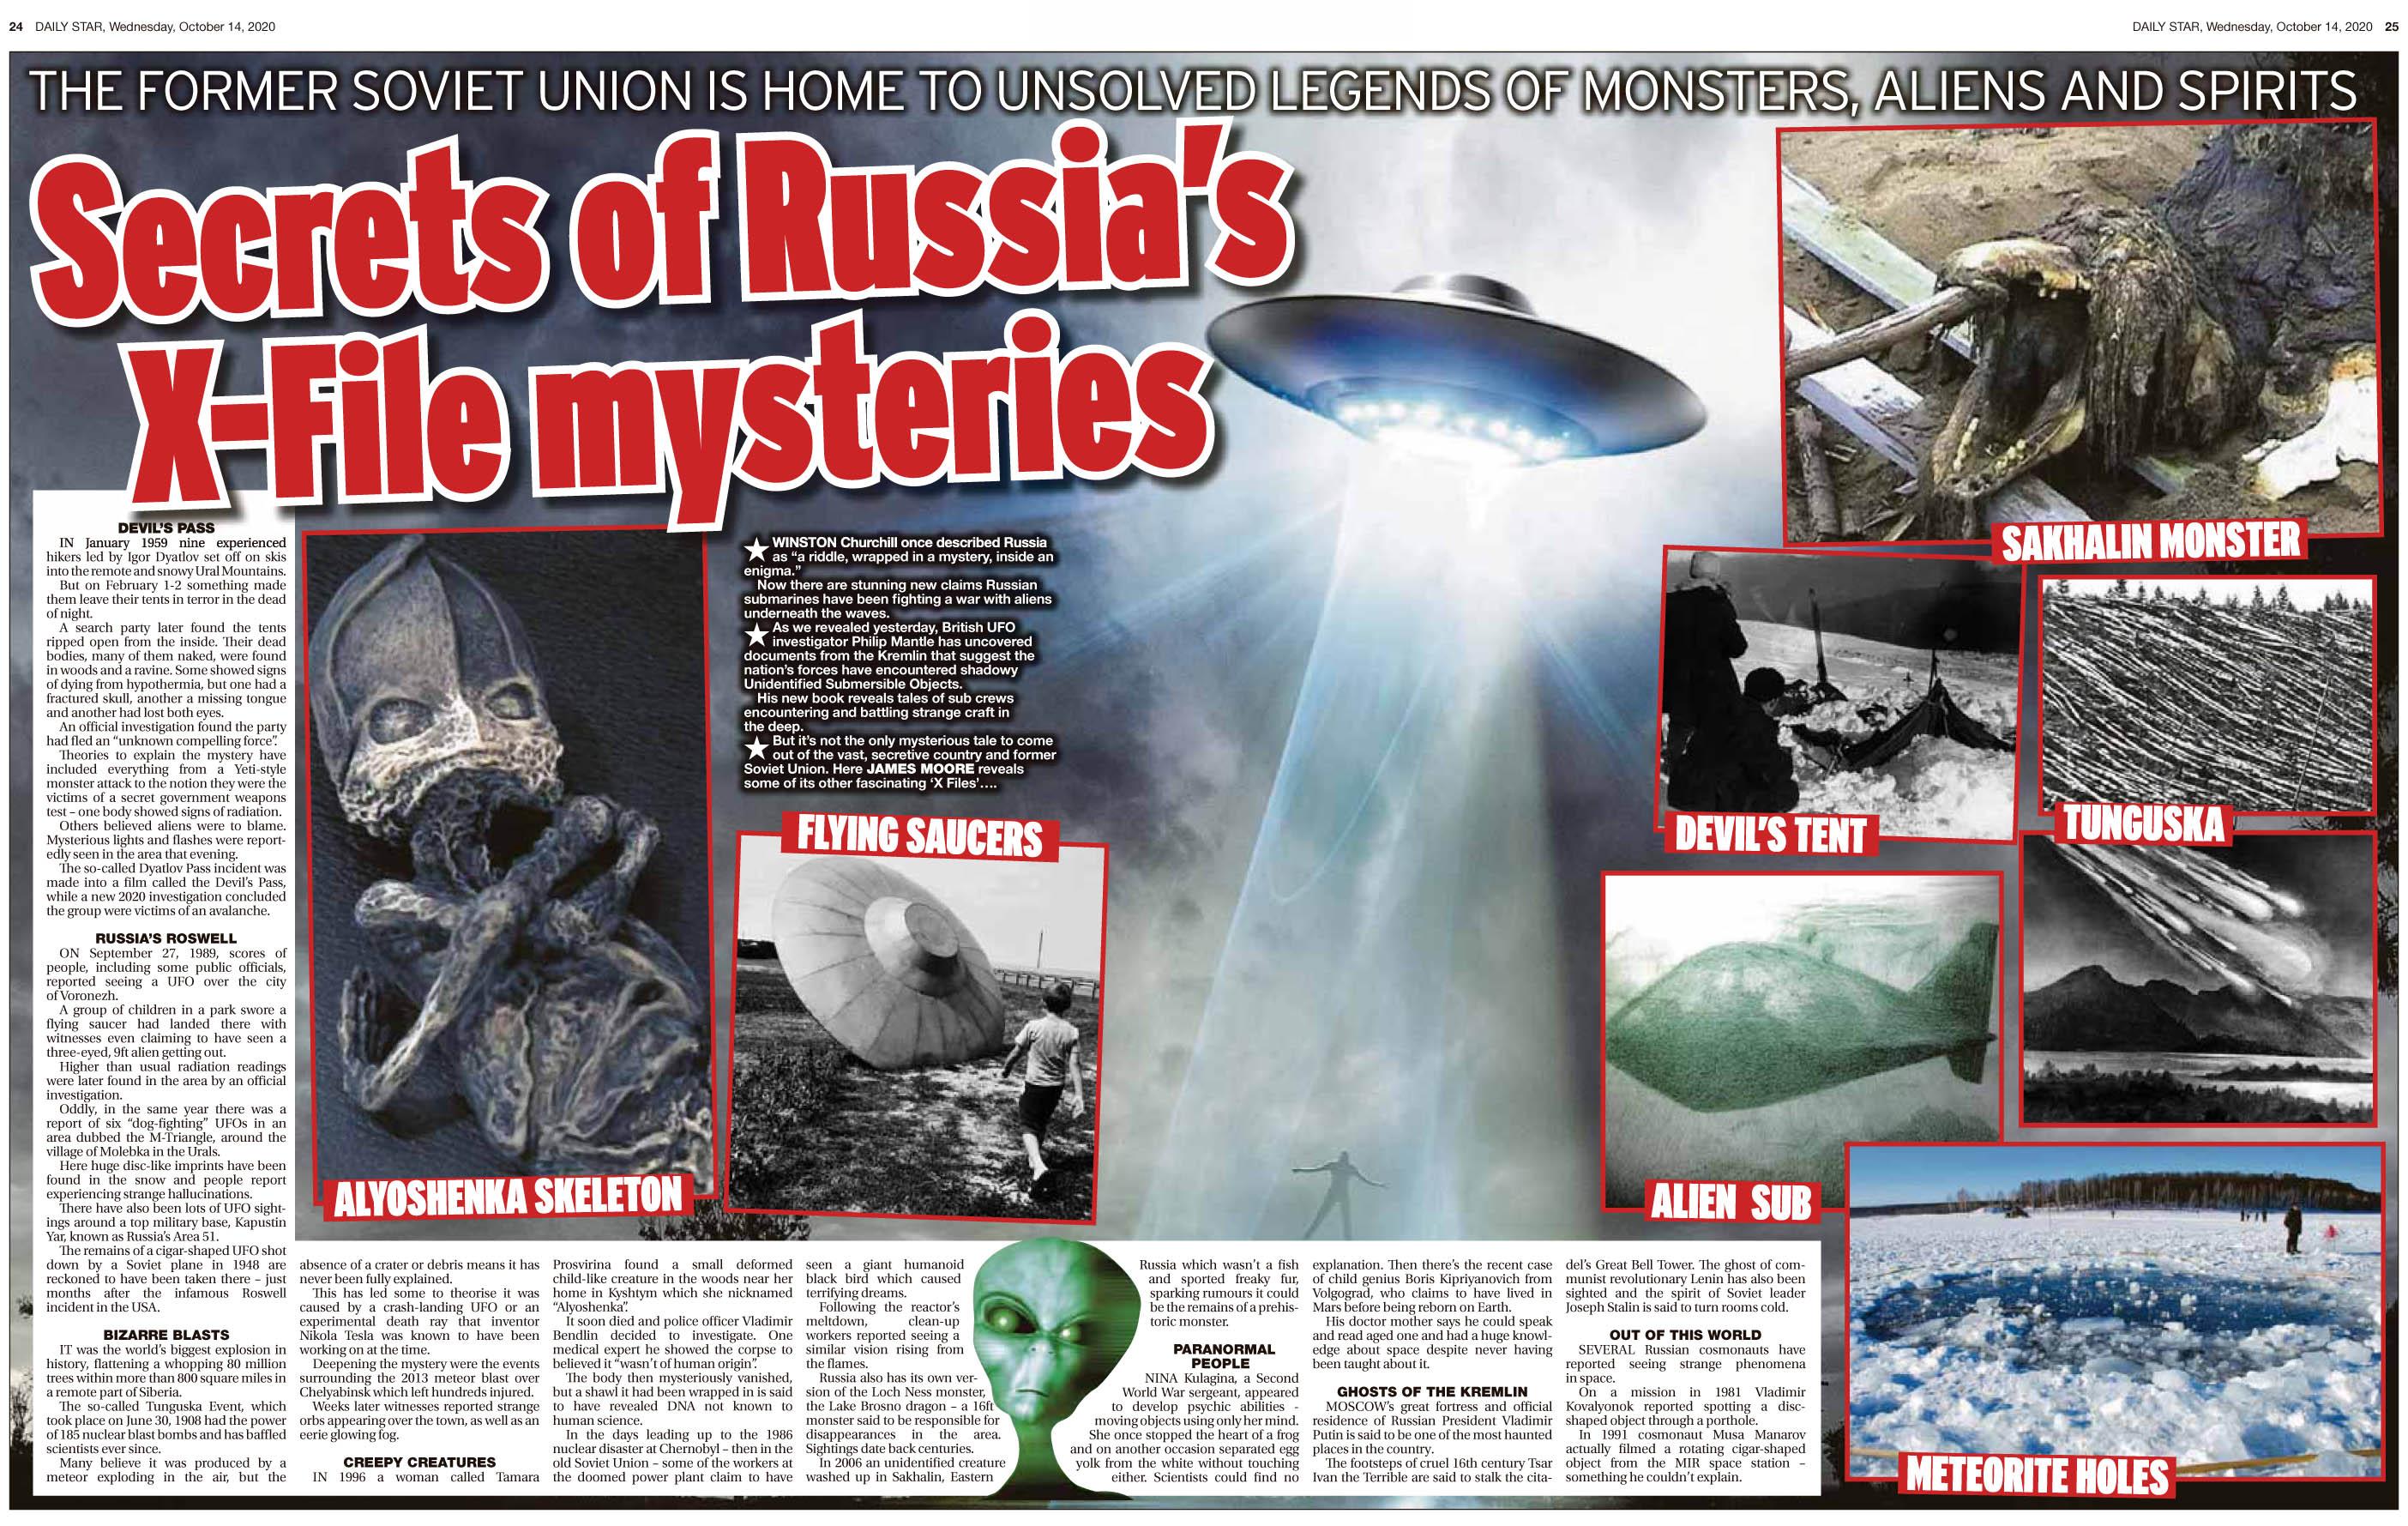 DStar 201014 Russia UFO.jpg